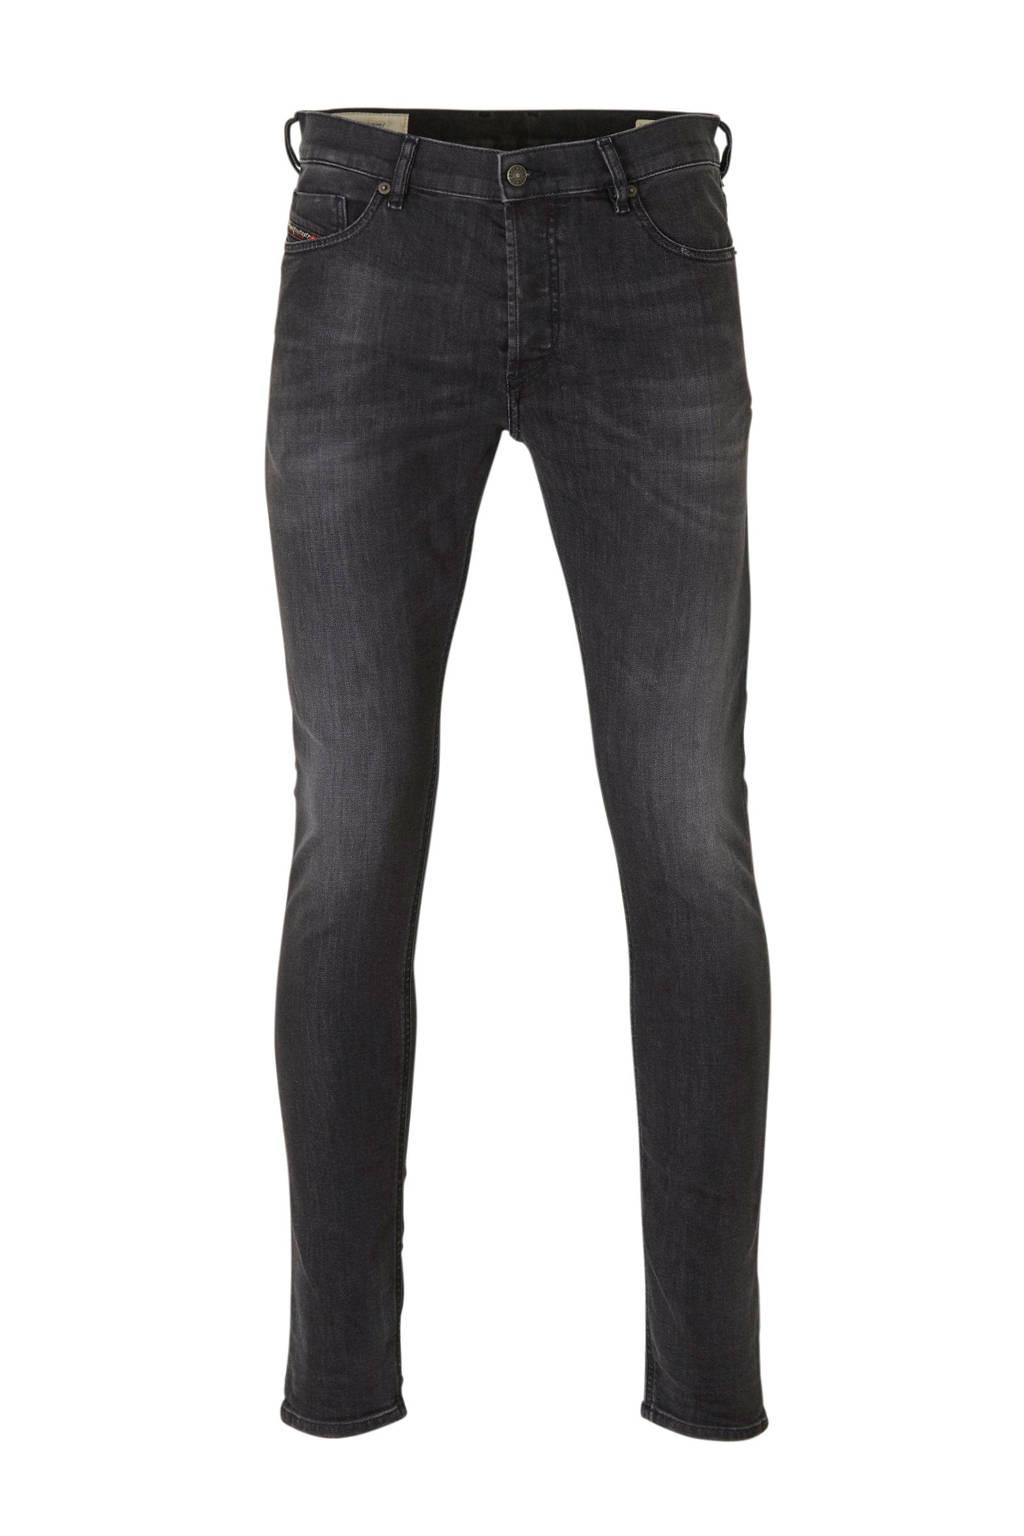 Diesel slim fit jeans TEPPHAR-X 082as, 082AS